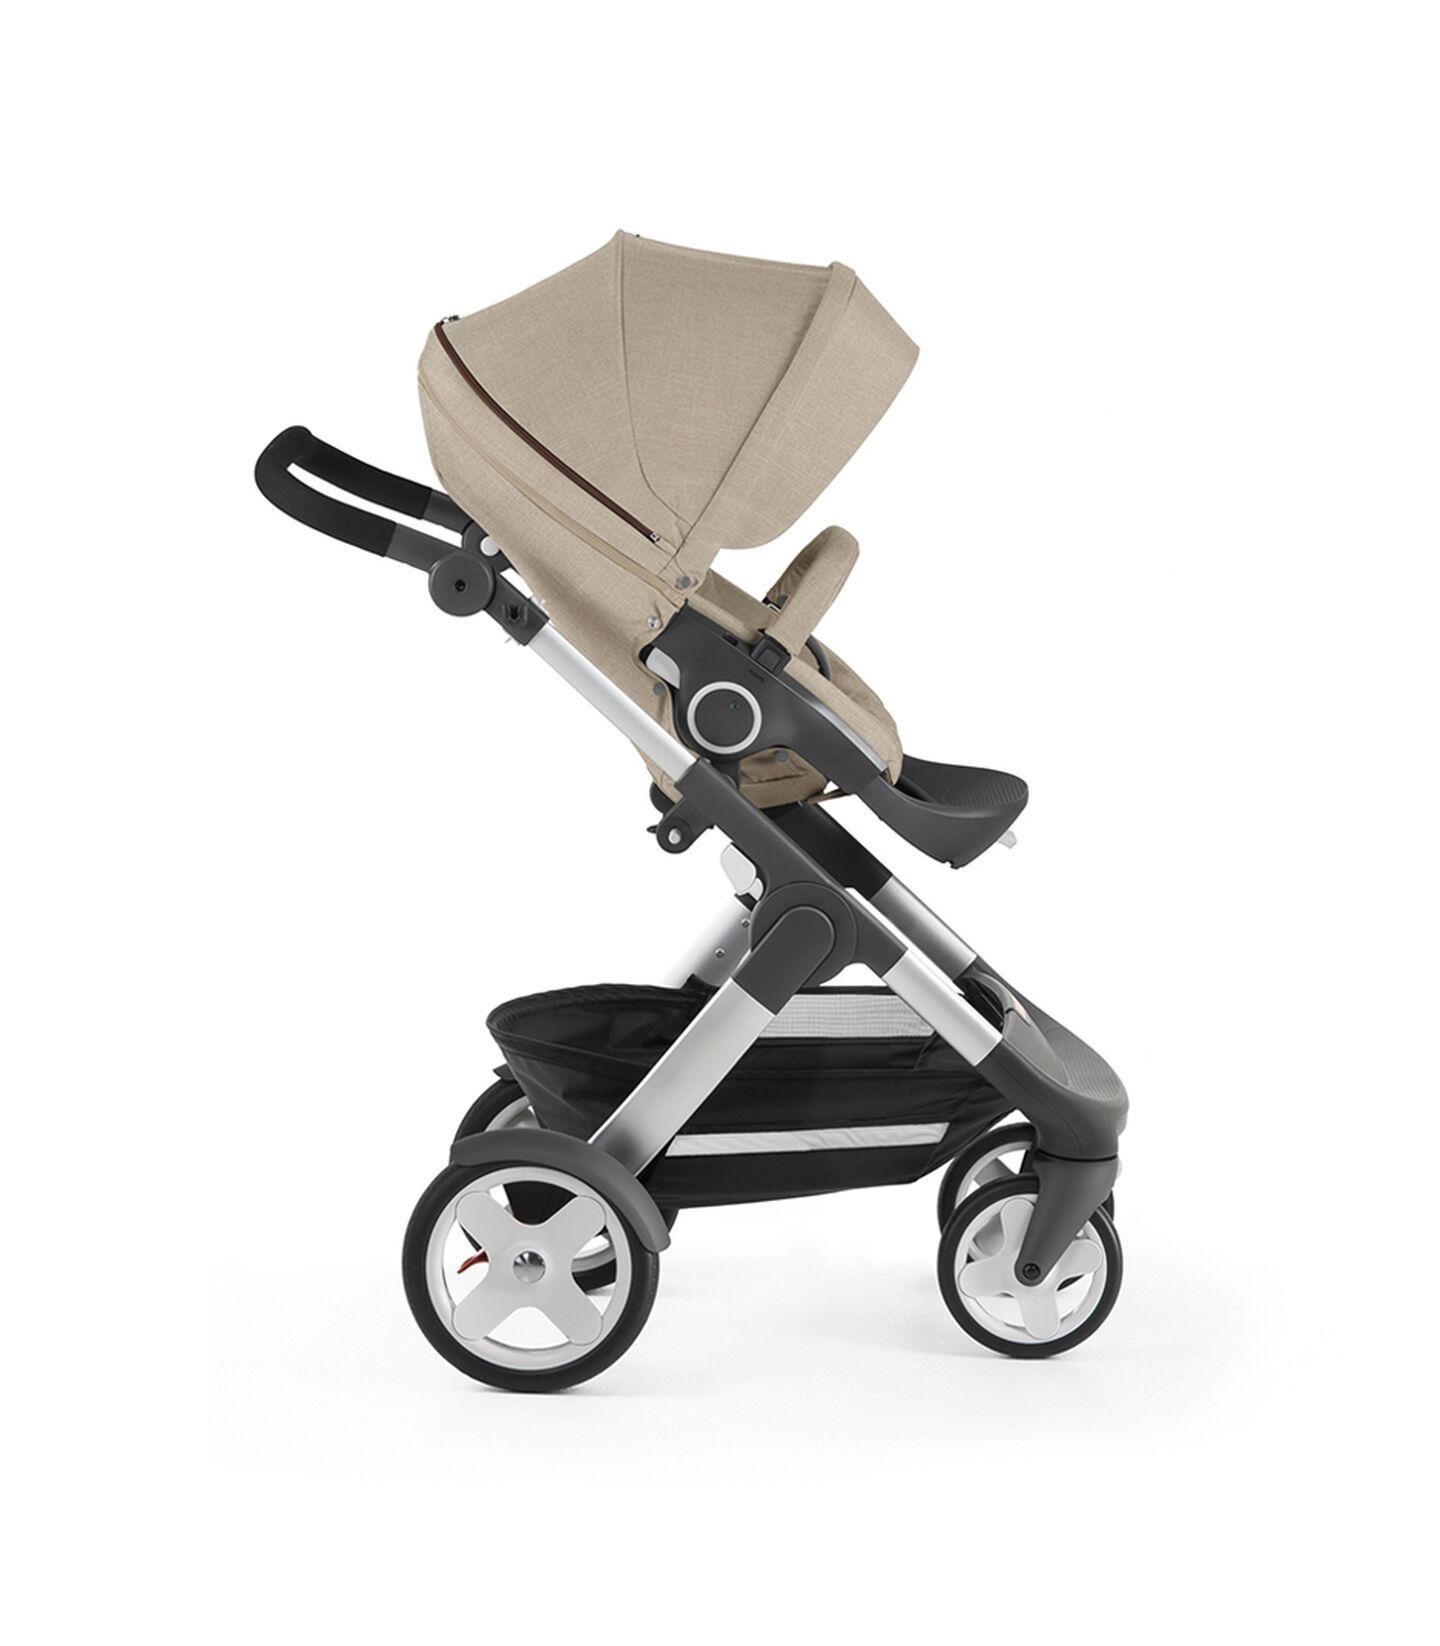 Stokke® Trailz with Stokke® Stroller Seat, forward facing, rest position. Beige Melange.